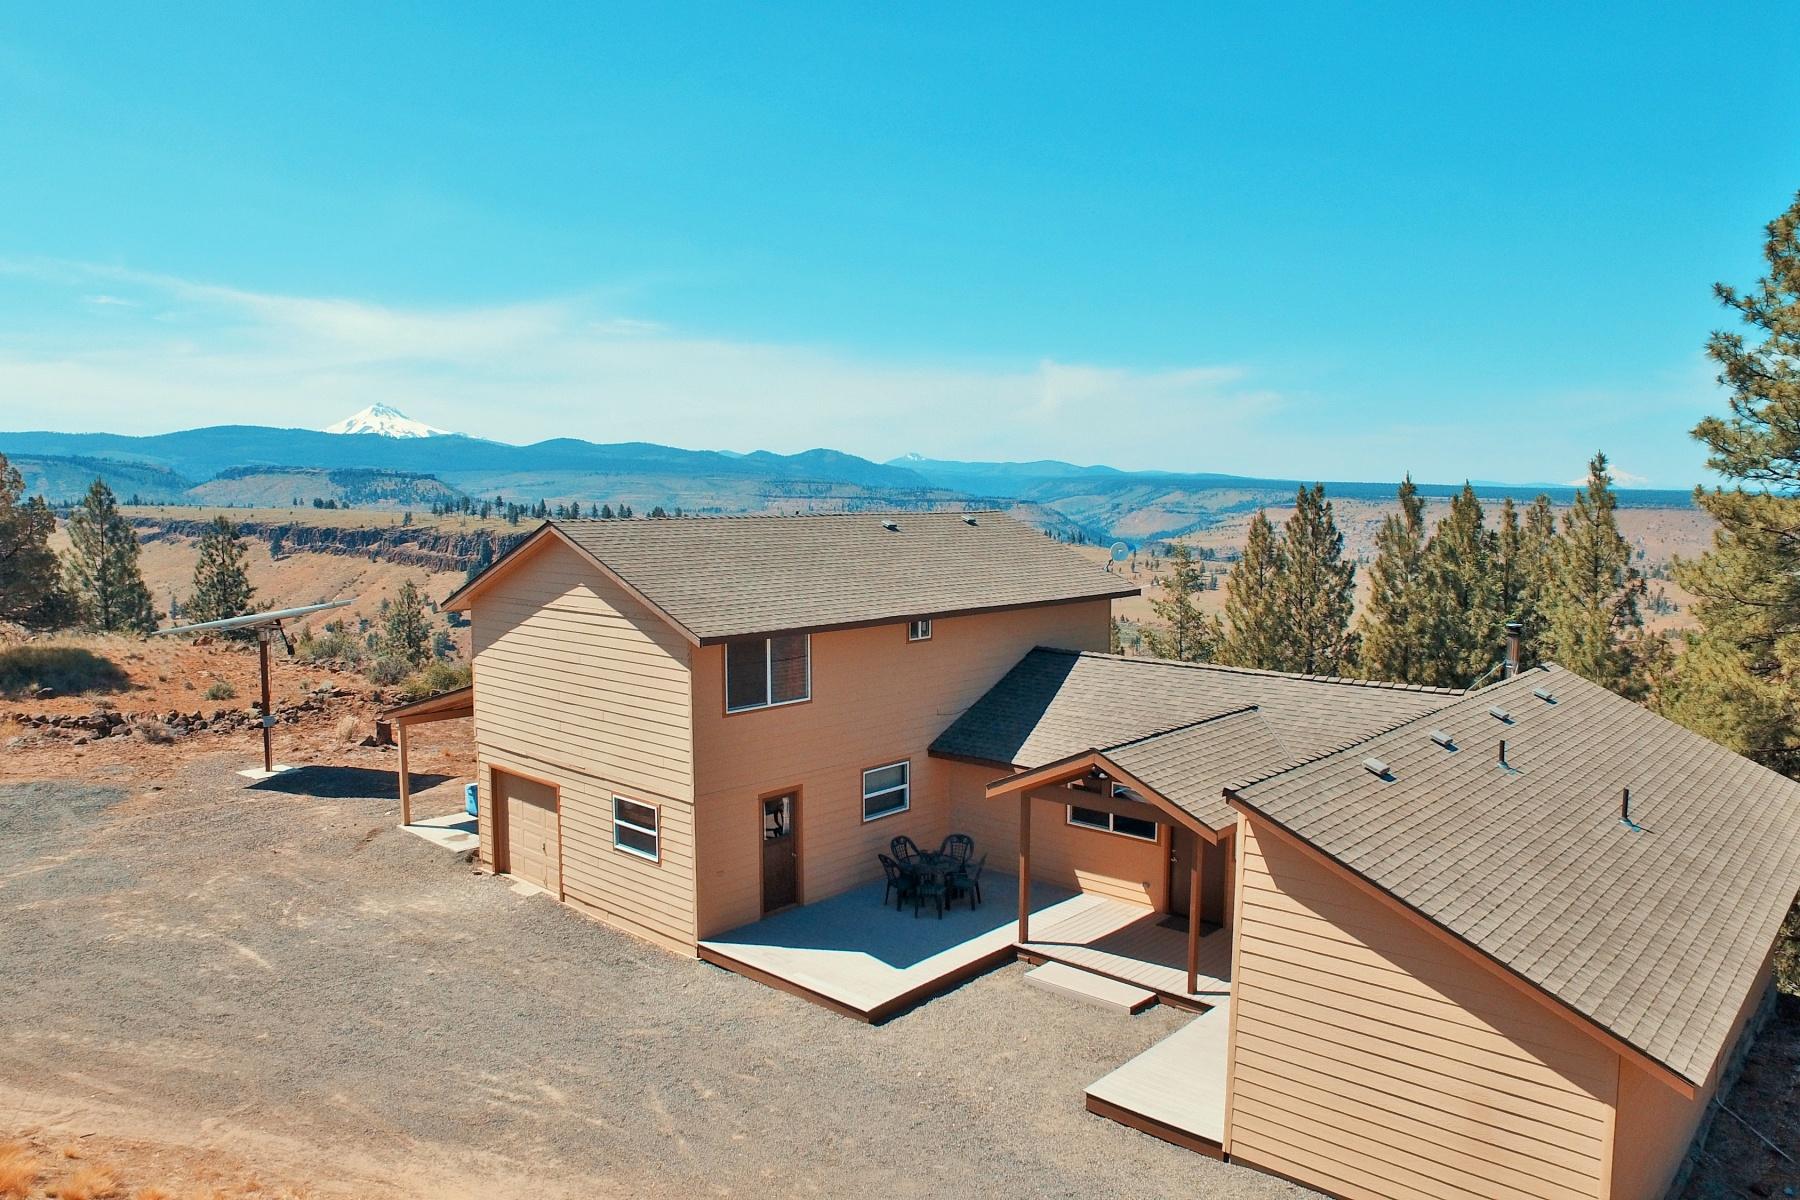 Einfamilienhaus für Verkauf beim 5+ Ac Home w Expensive Views 13908 SW Airstrip Ln Culver, Oregon, 97734 Vereinigte Staaten